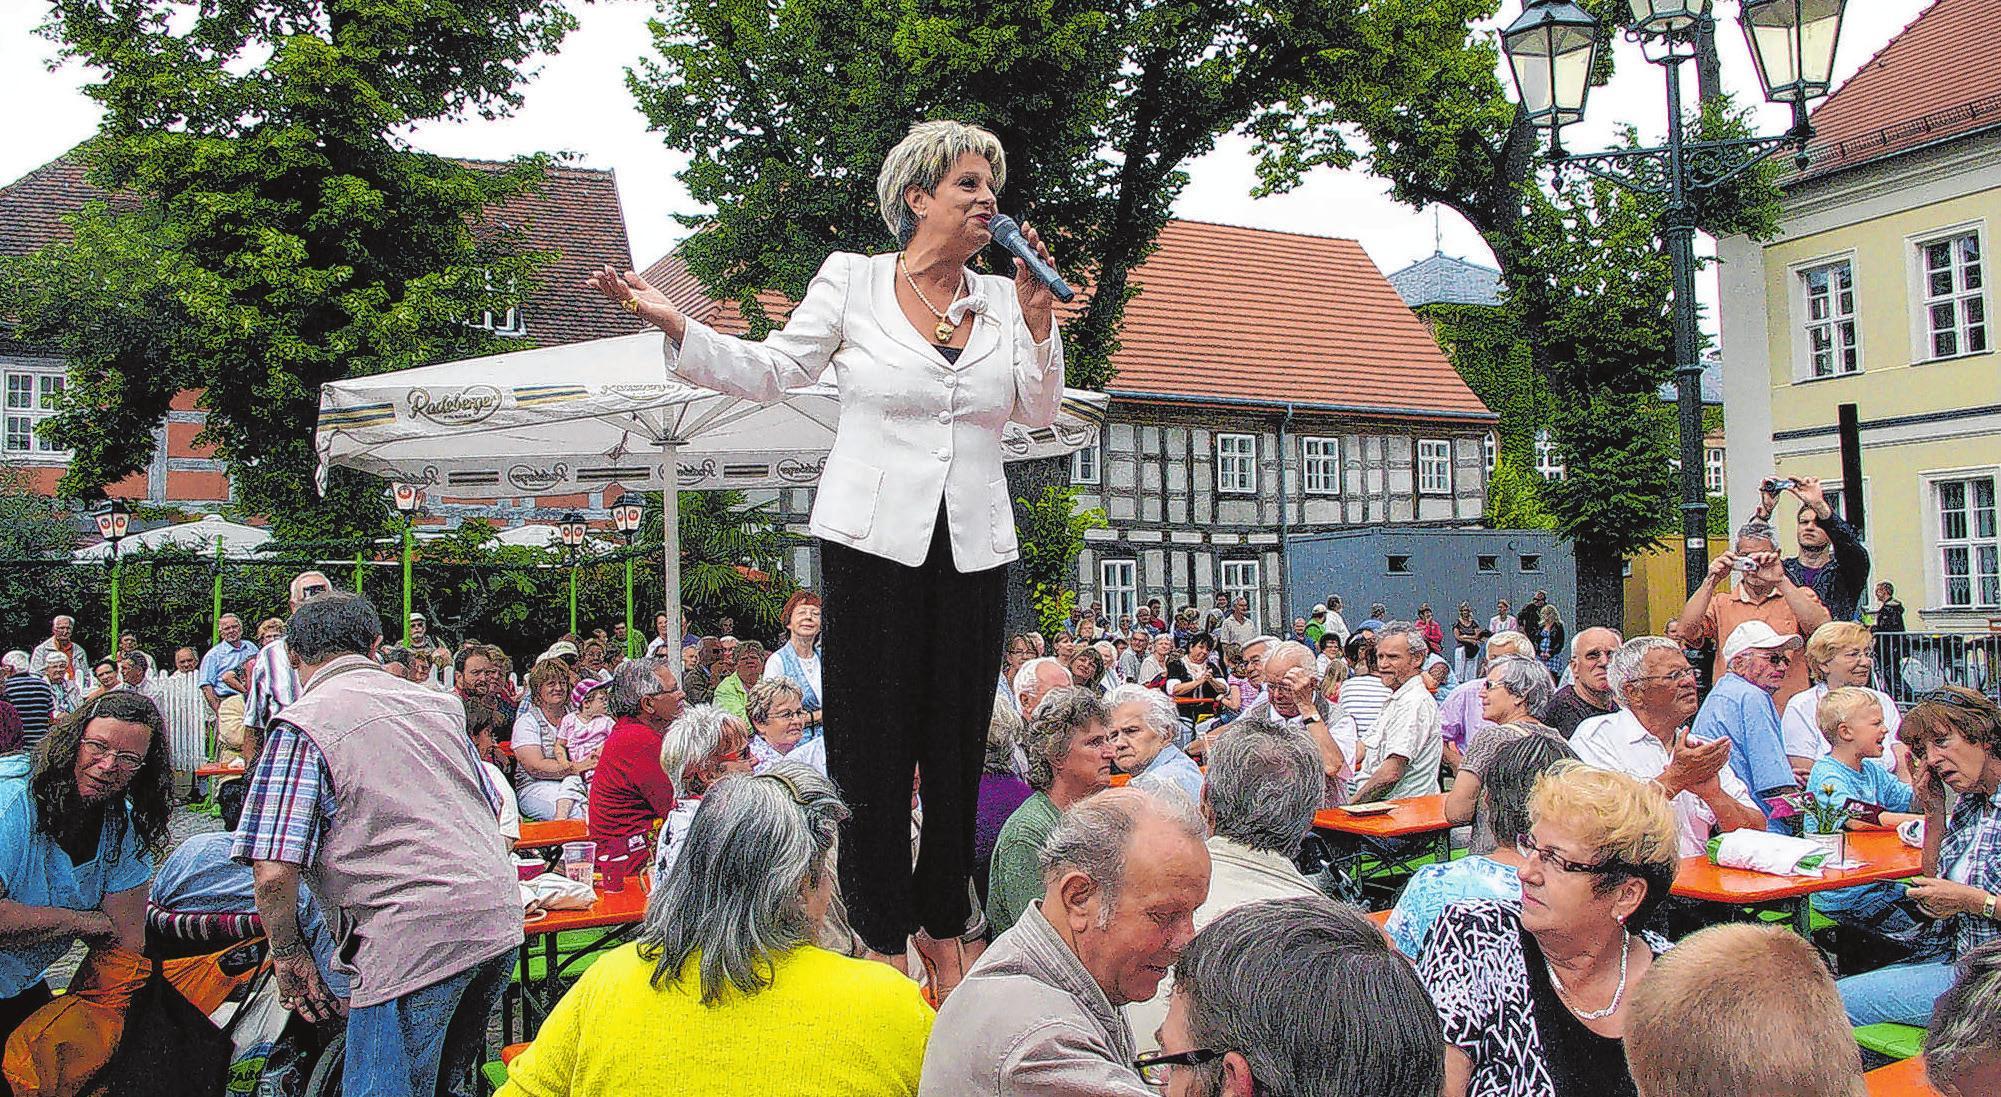 Dagmar Frederic in ihrem Metier: Die Sängerin wird auch in diesem Jahr zur 10. Ausgabe des Bärbel Wachholz-Schlagerfestes in Angermünde auftreten. Foto: Michael-Peter Jachmann